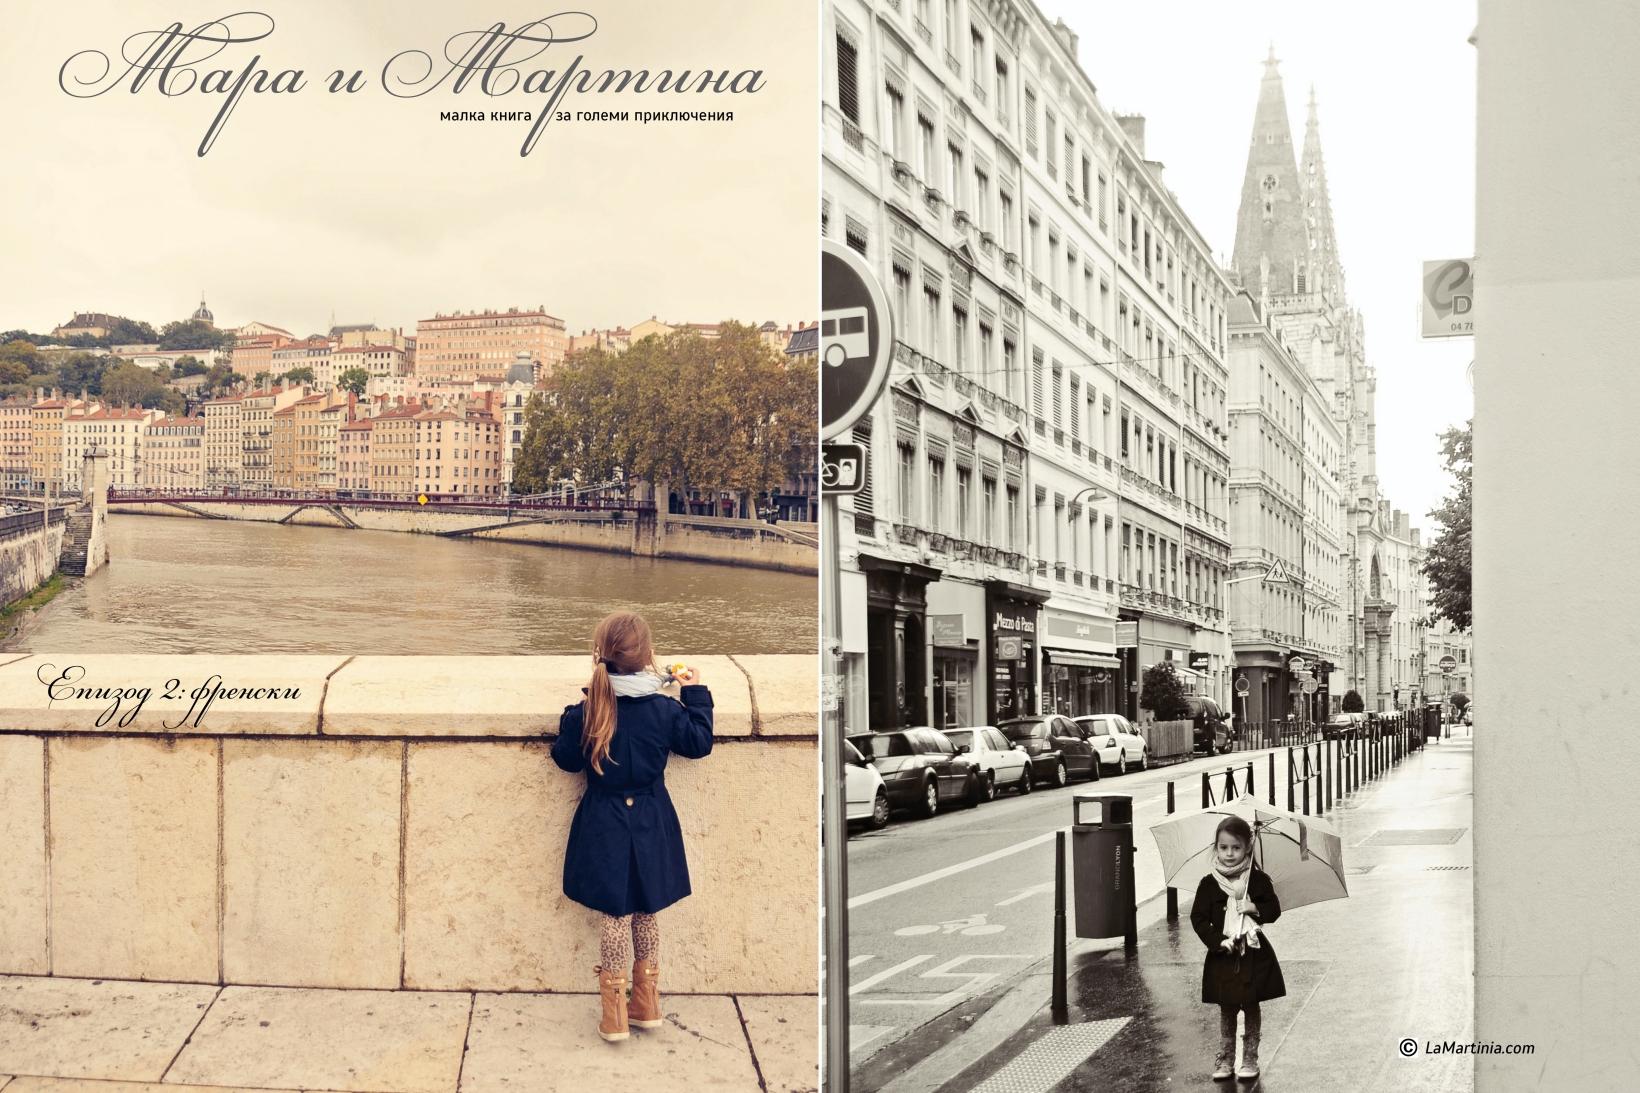 Мара и Мартина - френско приключение